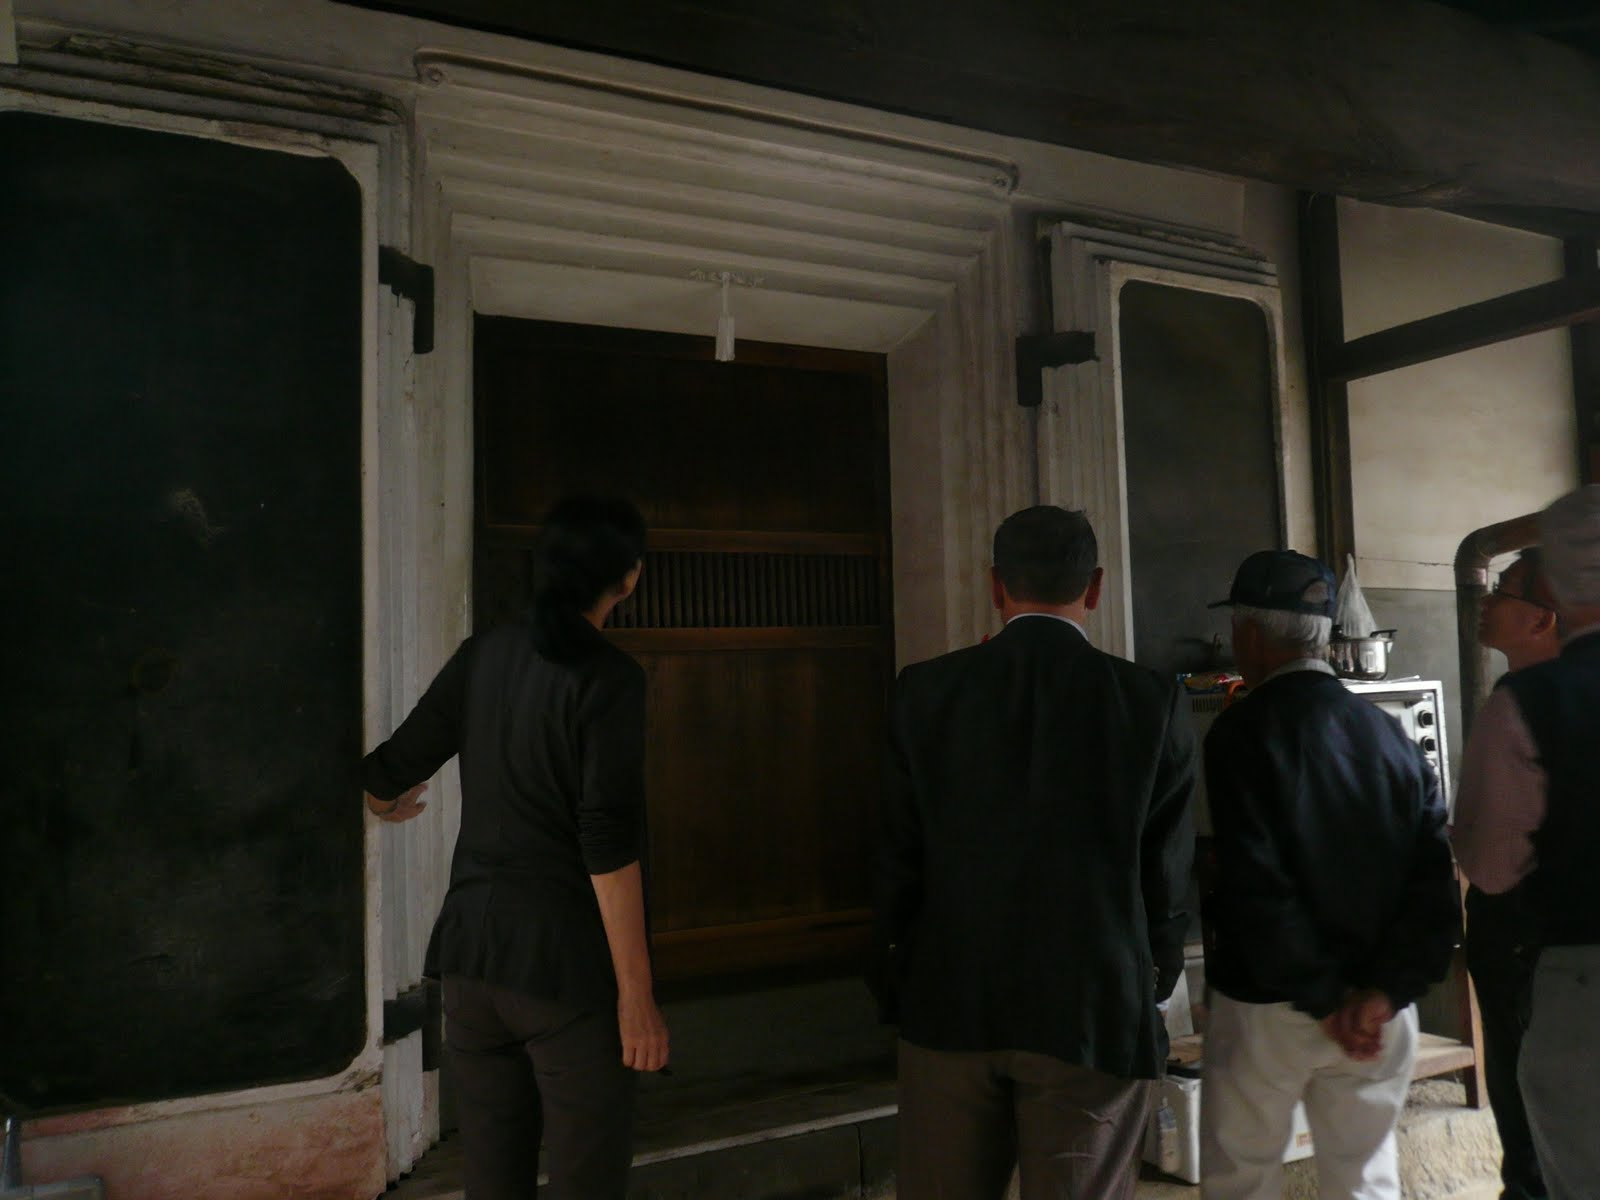 新)浅川伯教・巧兄弟資料館ブログ: 浅川兄弟がいた甲府を歩く